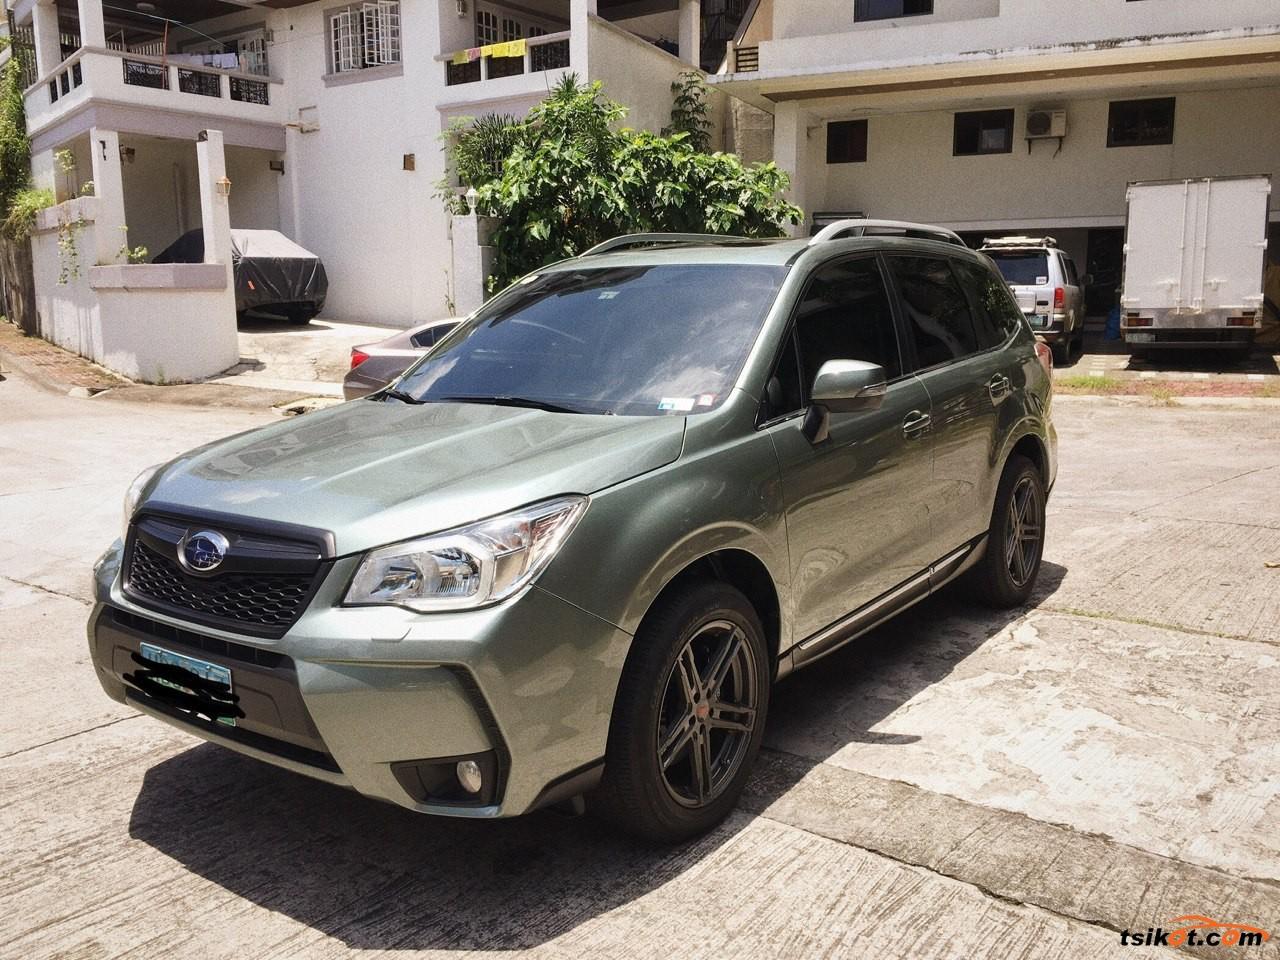 Subaru Xt 2014 - 10